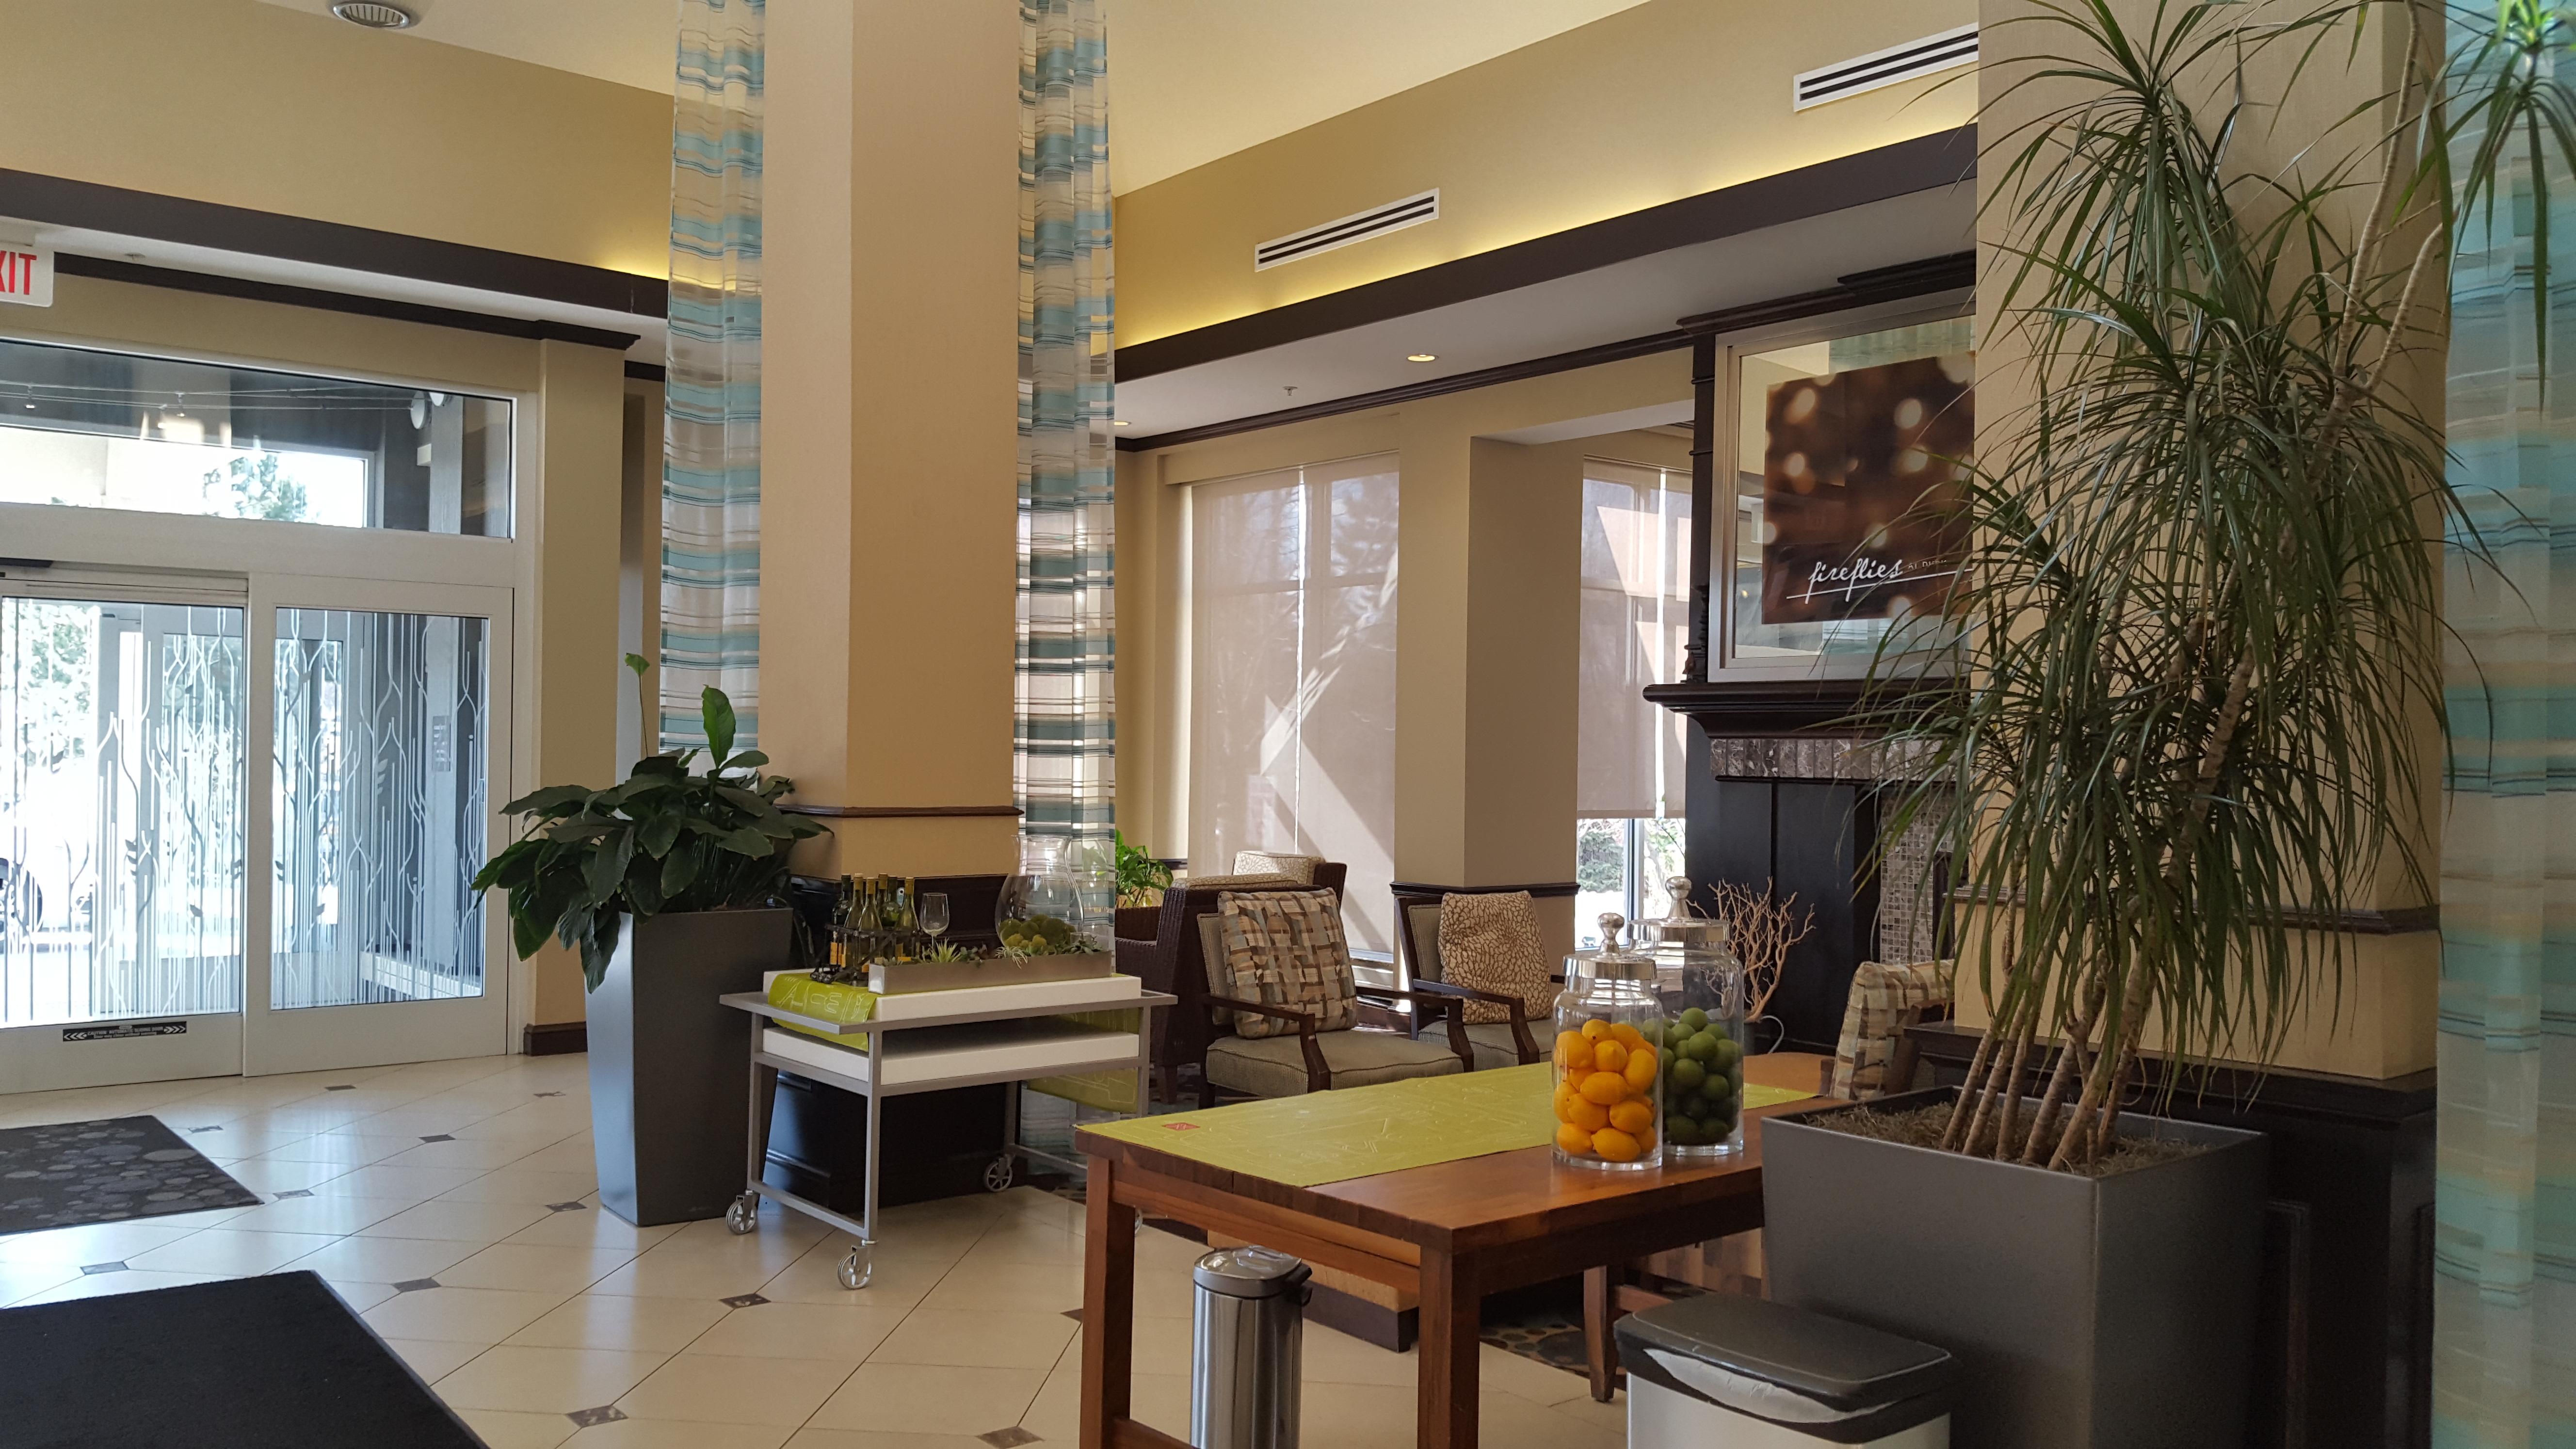 Hilton Garden Inn Albany Suny Area Albany New York Ny